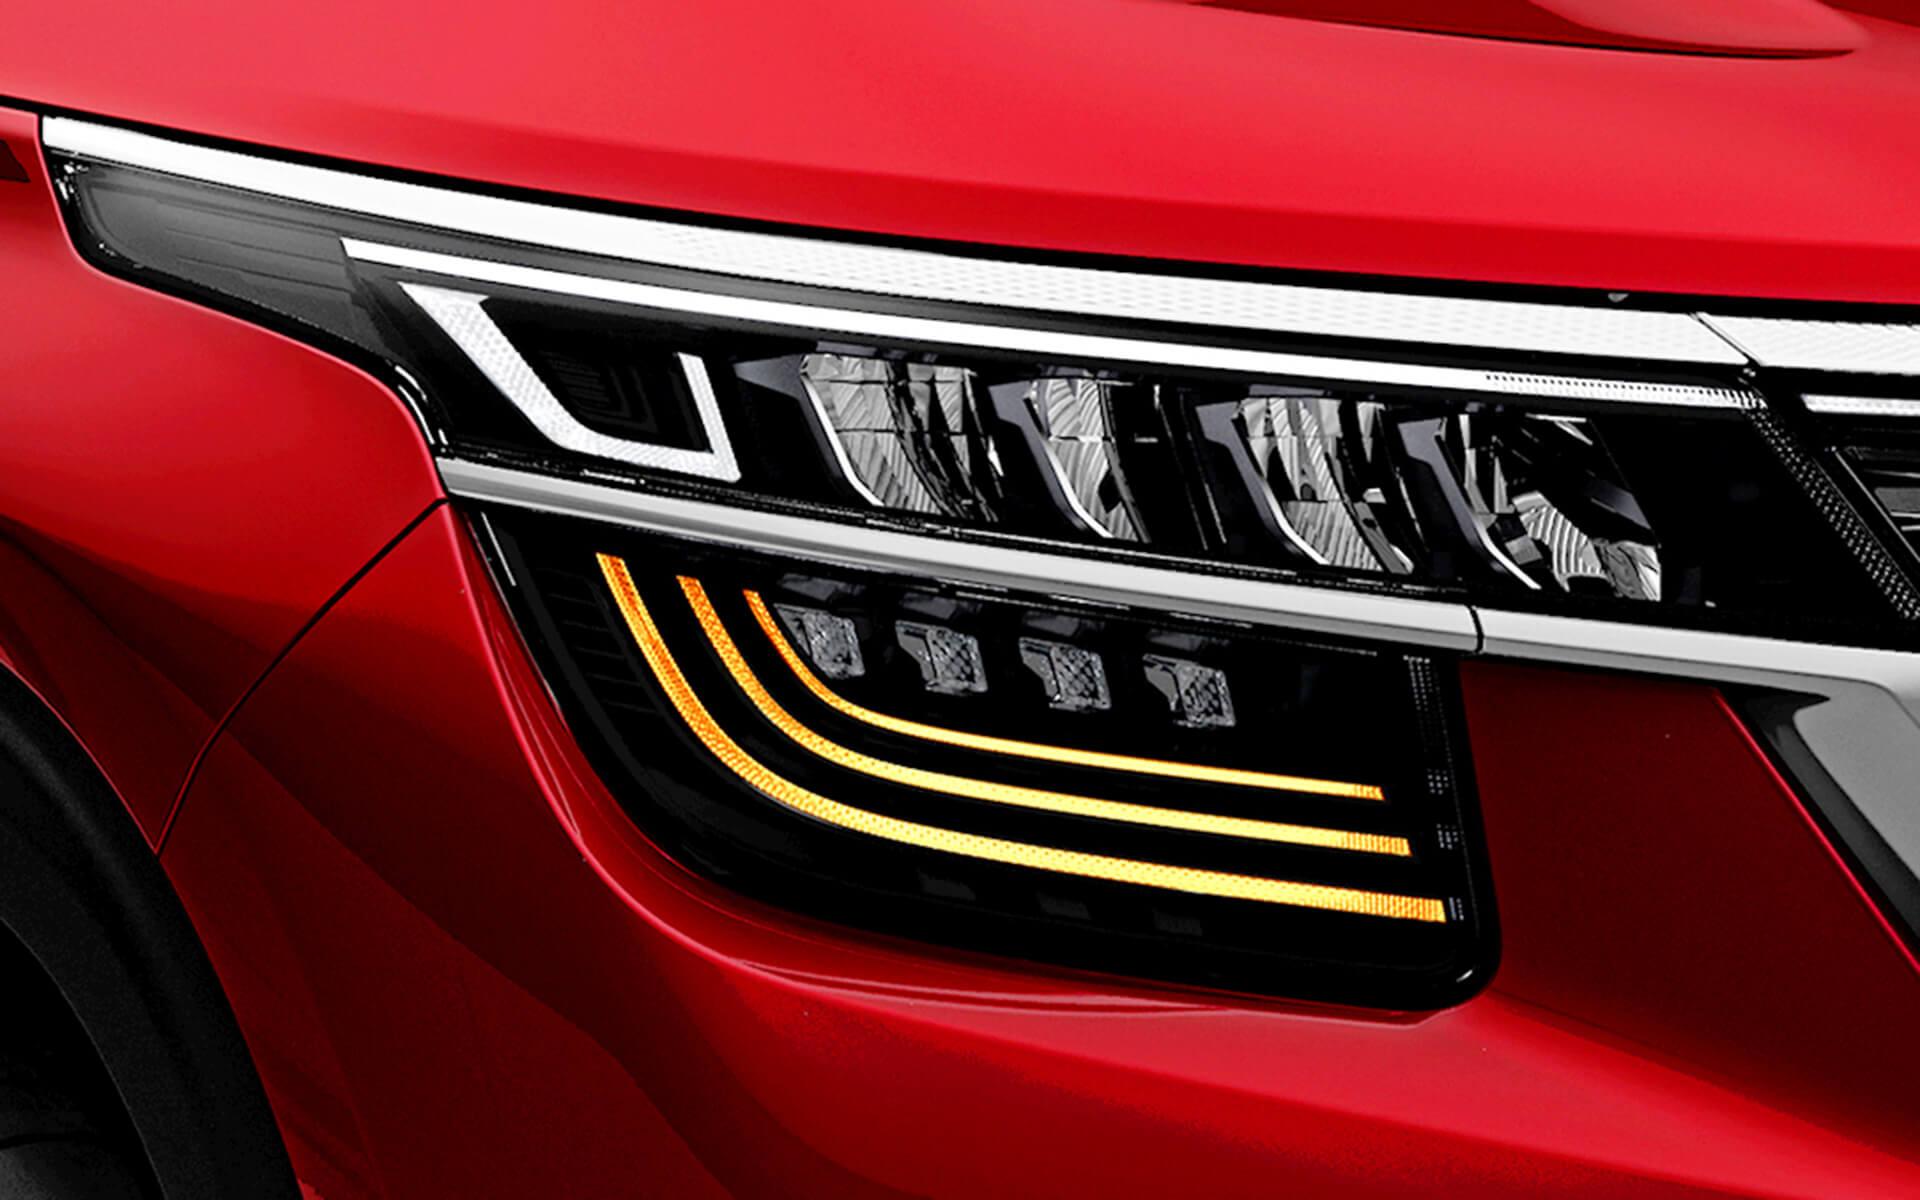 Đèn tín hiệu chuyển hướng đa tầng công nghệ LED với hiệu ứng 3D